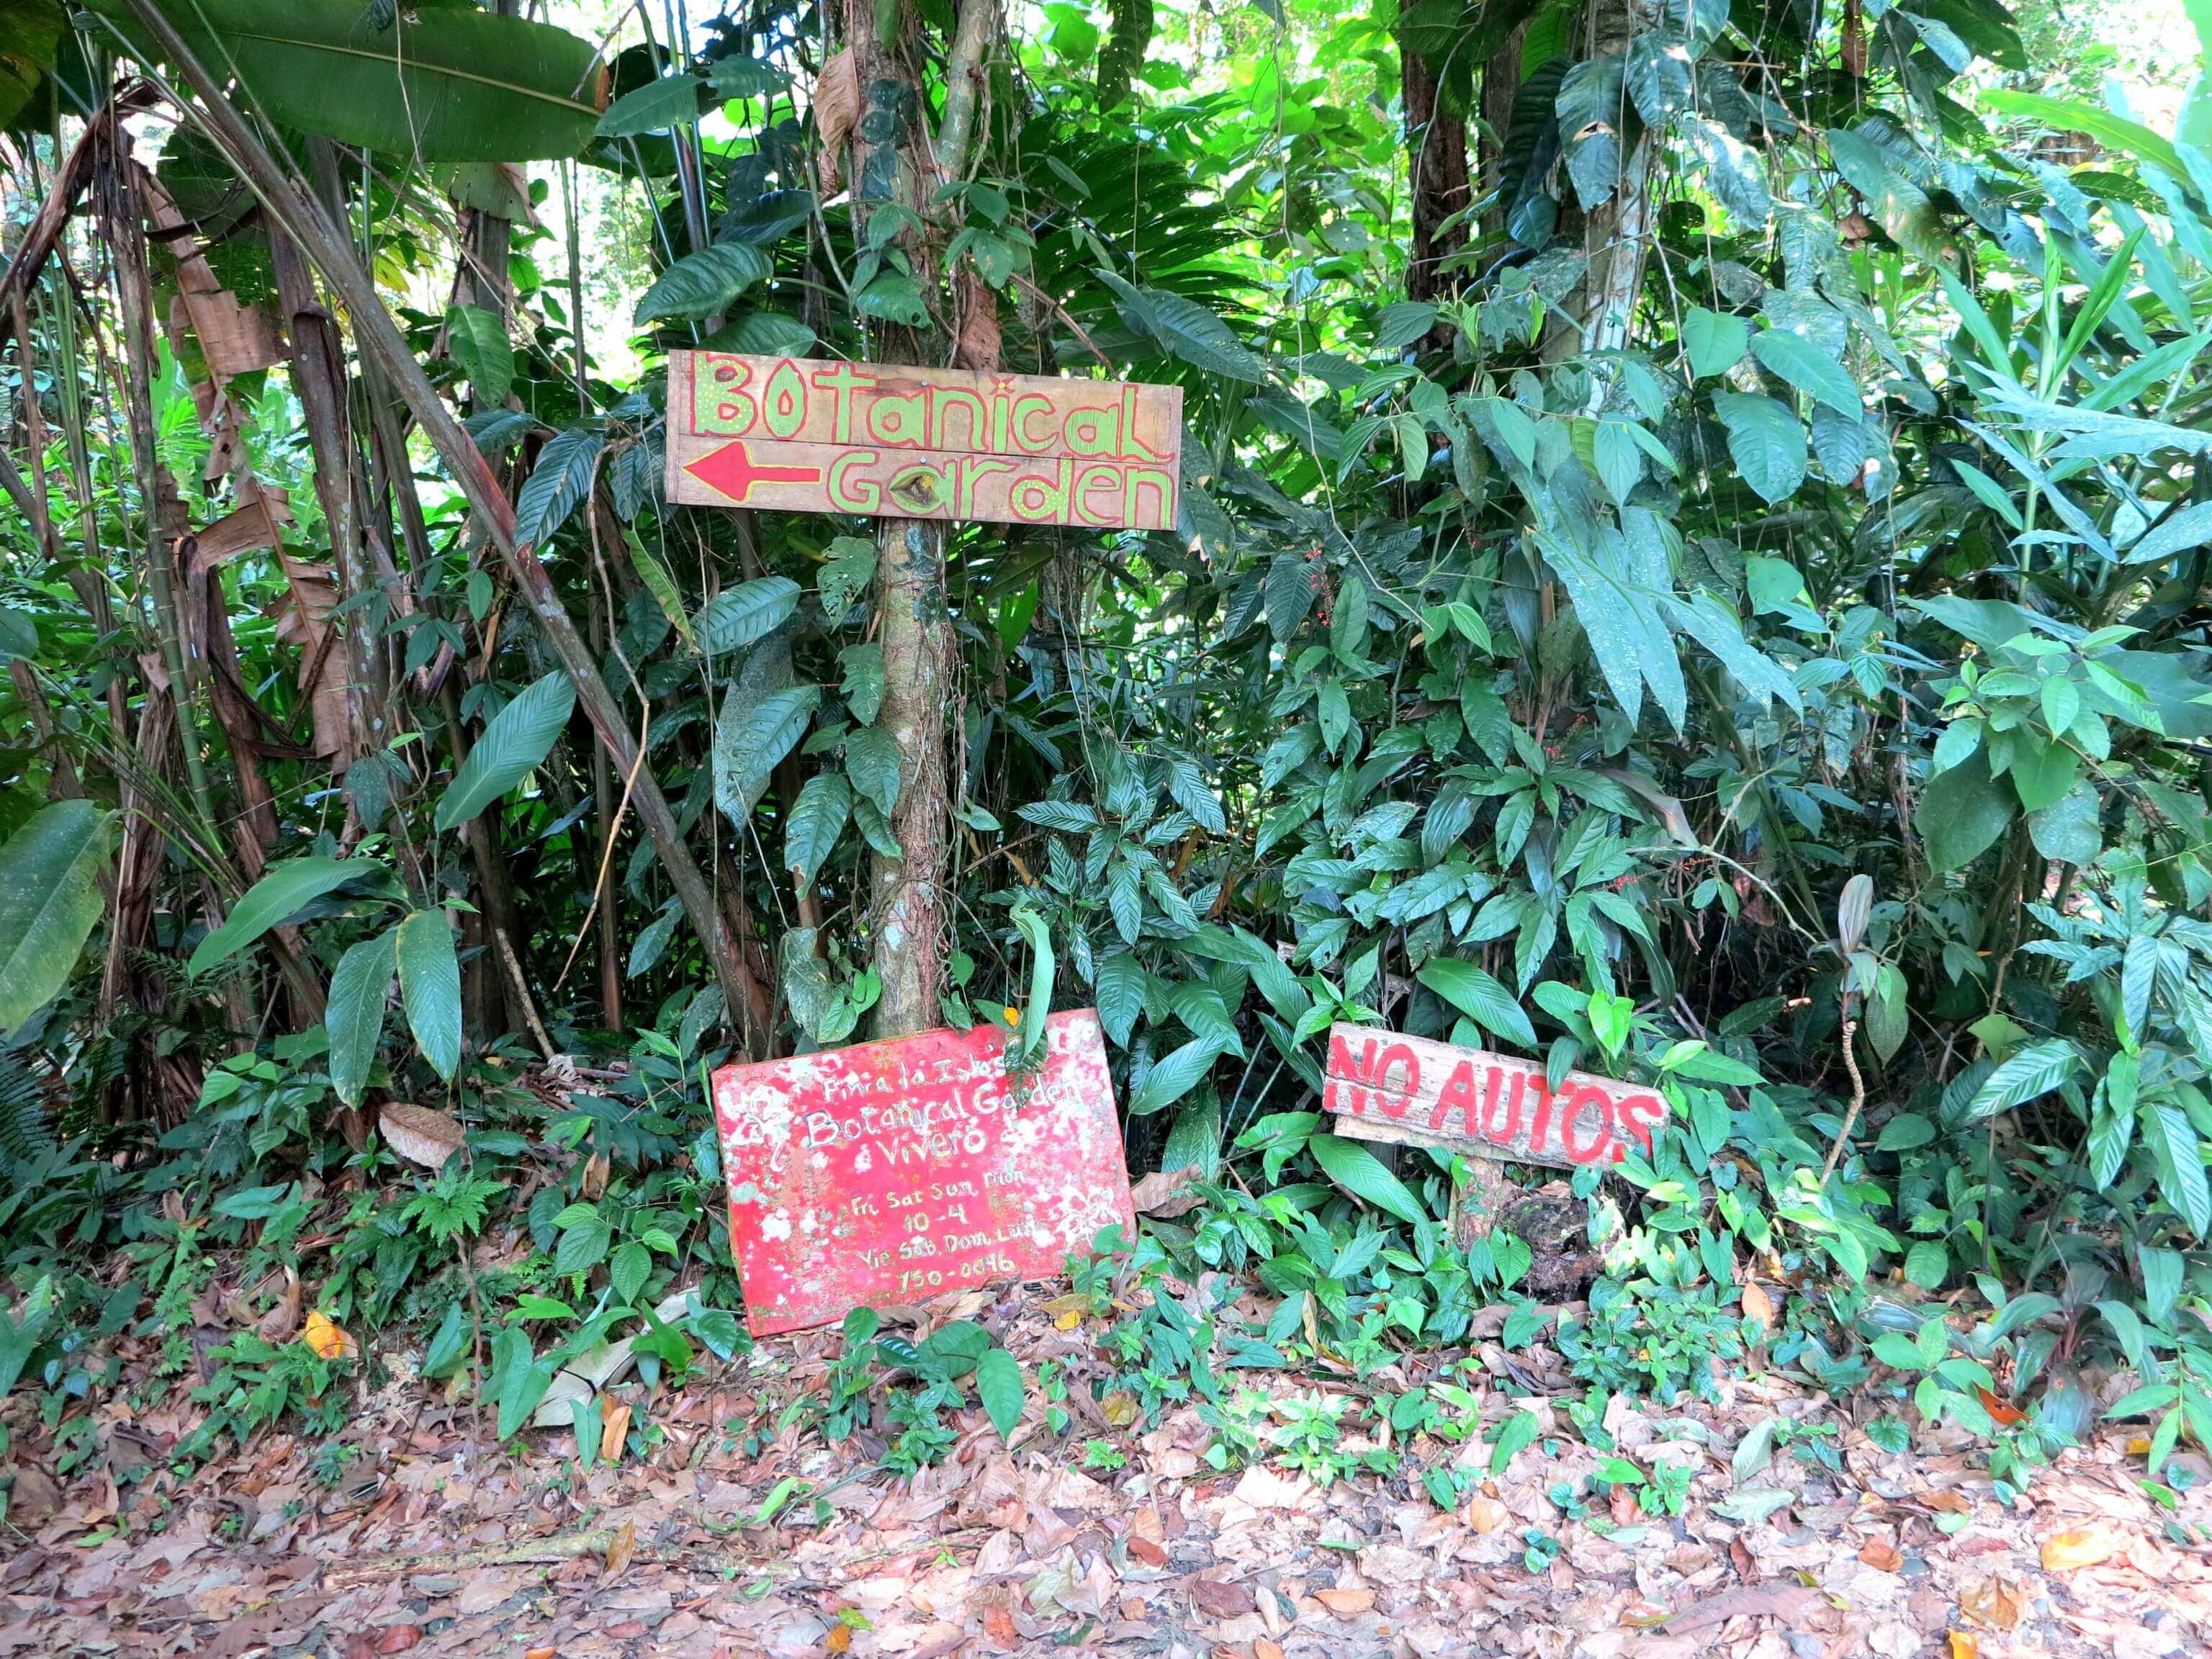 Der botanische Garten in Puerto Viejo bieten zahlreiche Pflanzen- und Baumarten zu entdecken und eine lehrreiche Obstverköstigung